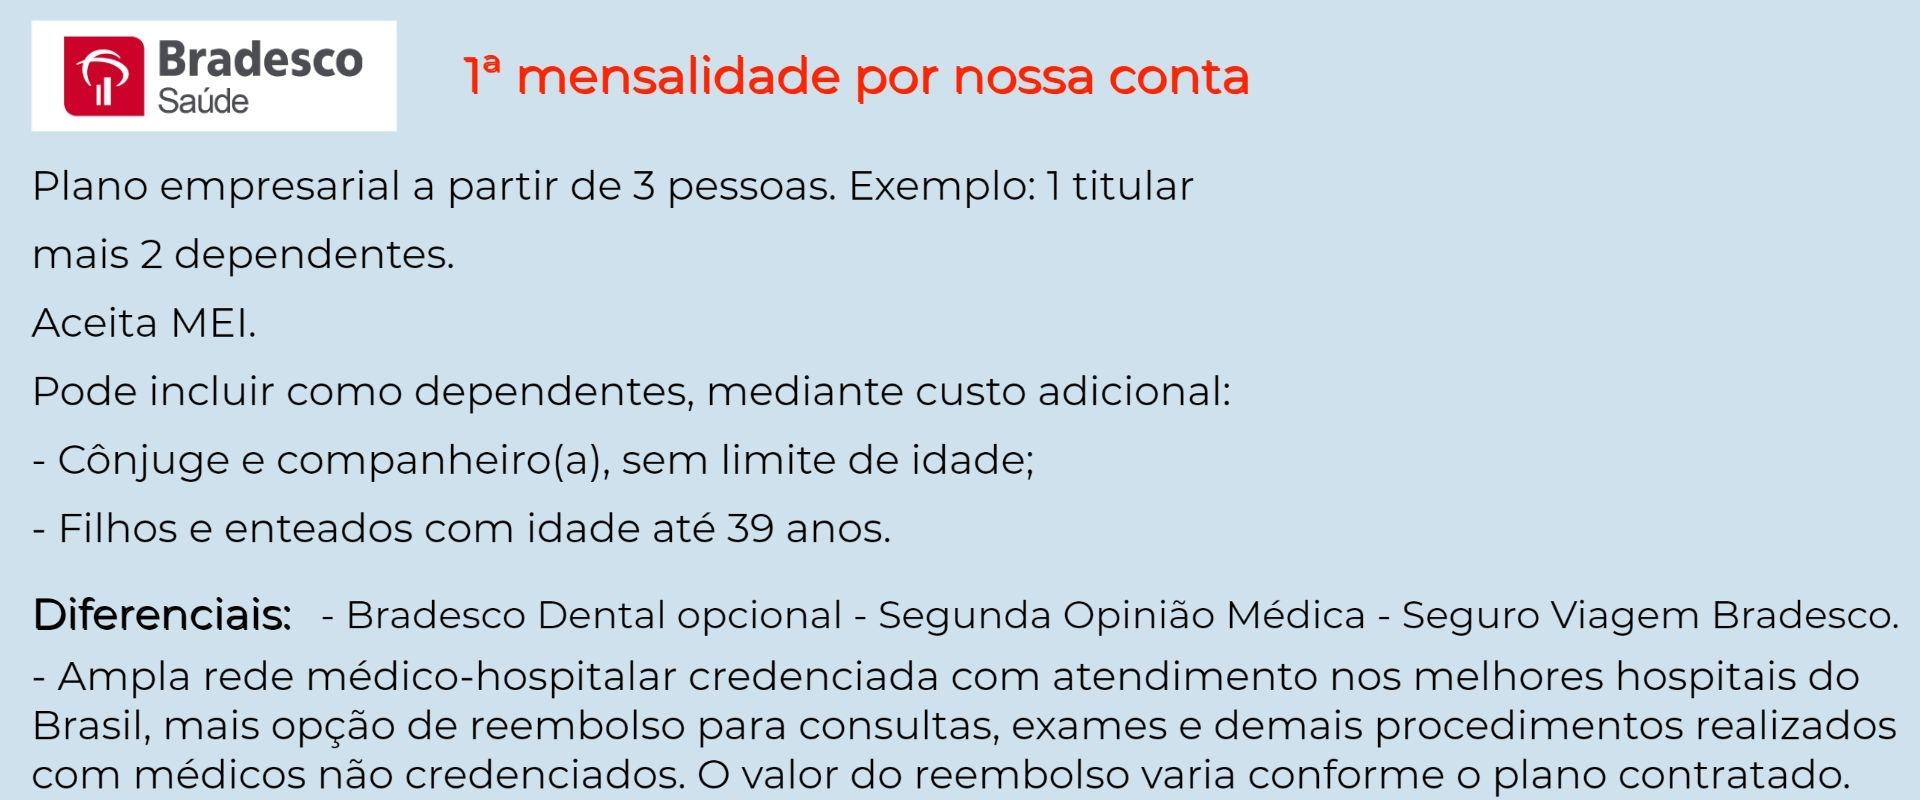 Bradesco Saúde Empresarial - Caraguatatuba